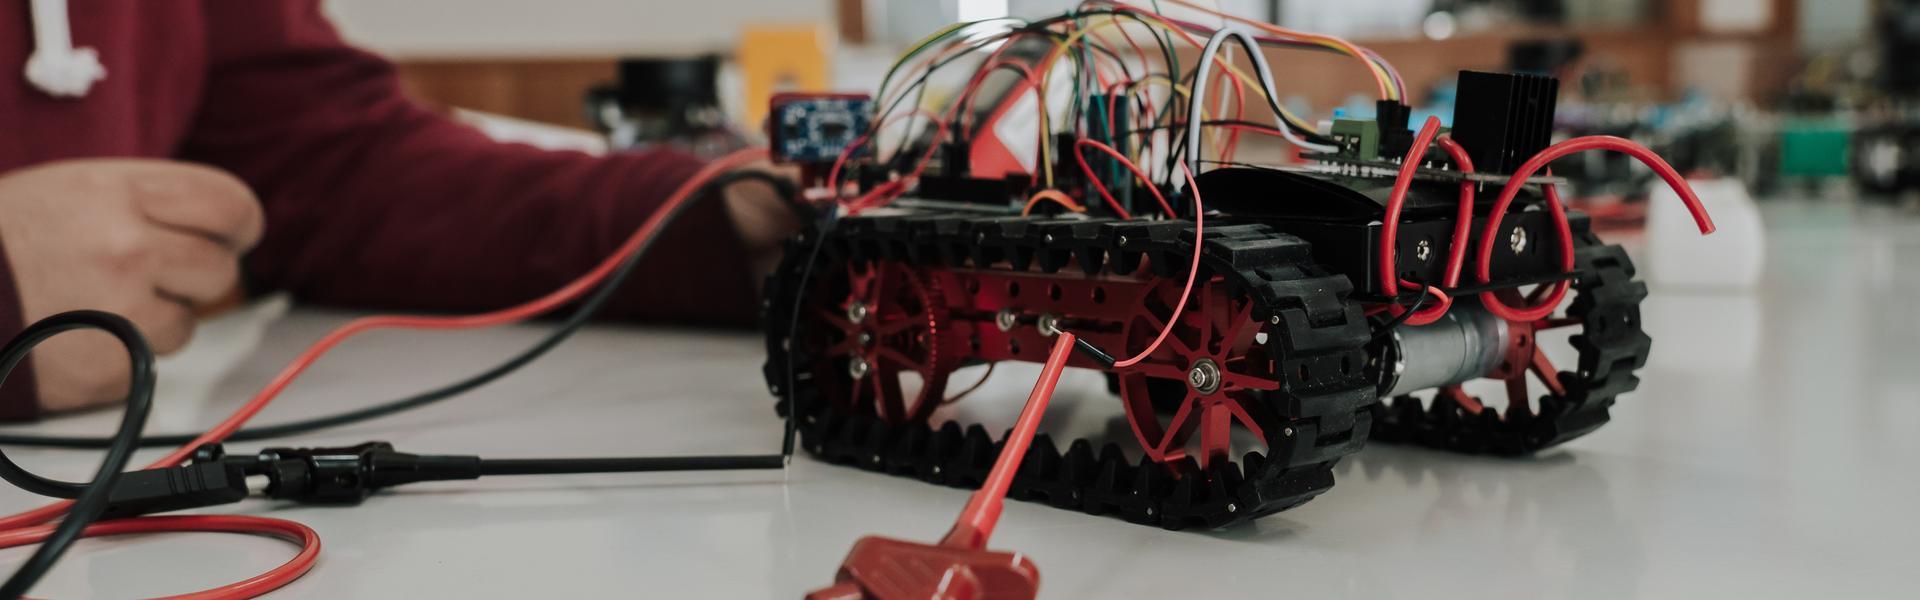 Novo curso de Mestrado em Engenharia Electrotécnica e de Computadores